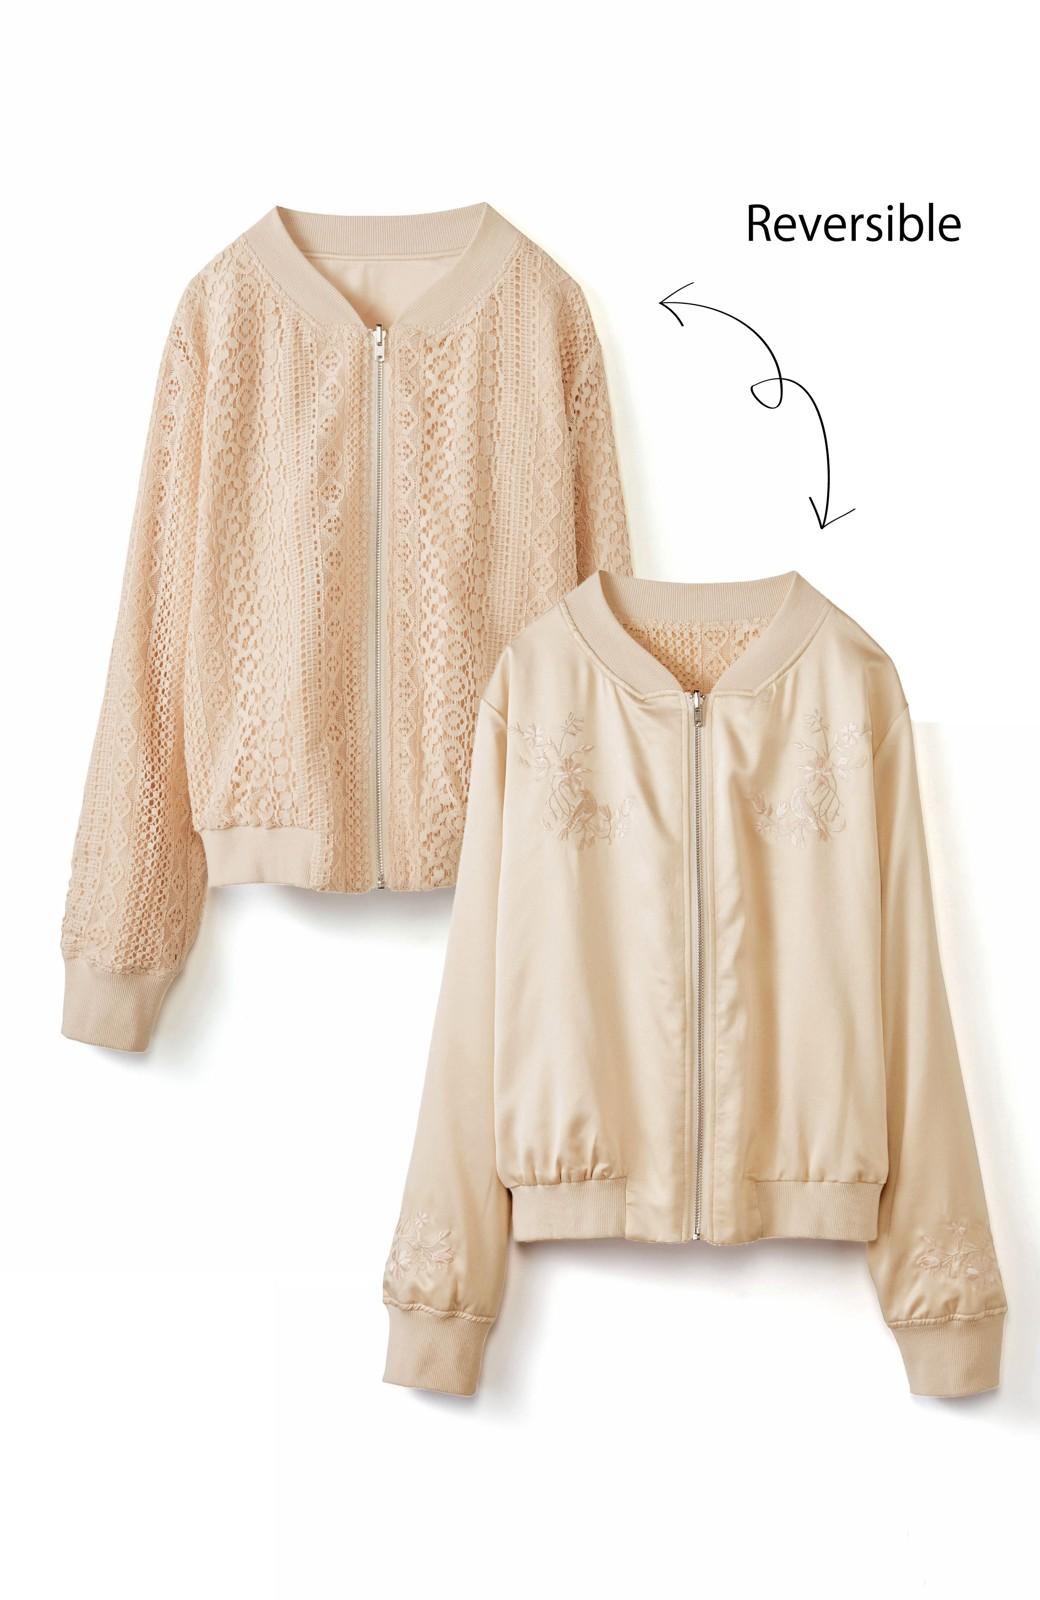 nusy 【mer6月号掲載】リバーシブルで着やすい 梅にうぐいす刺しゅうの華やかブルゾン <ピンクベージュ>の商品写真1